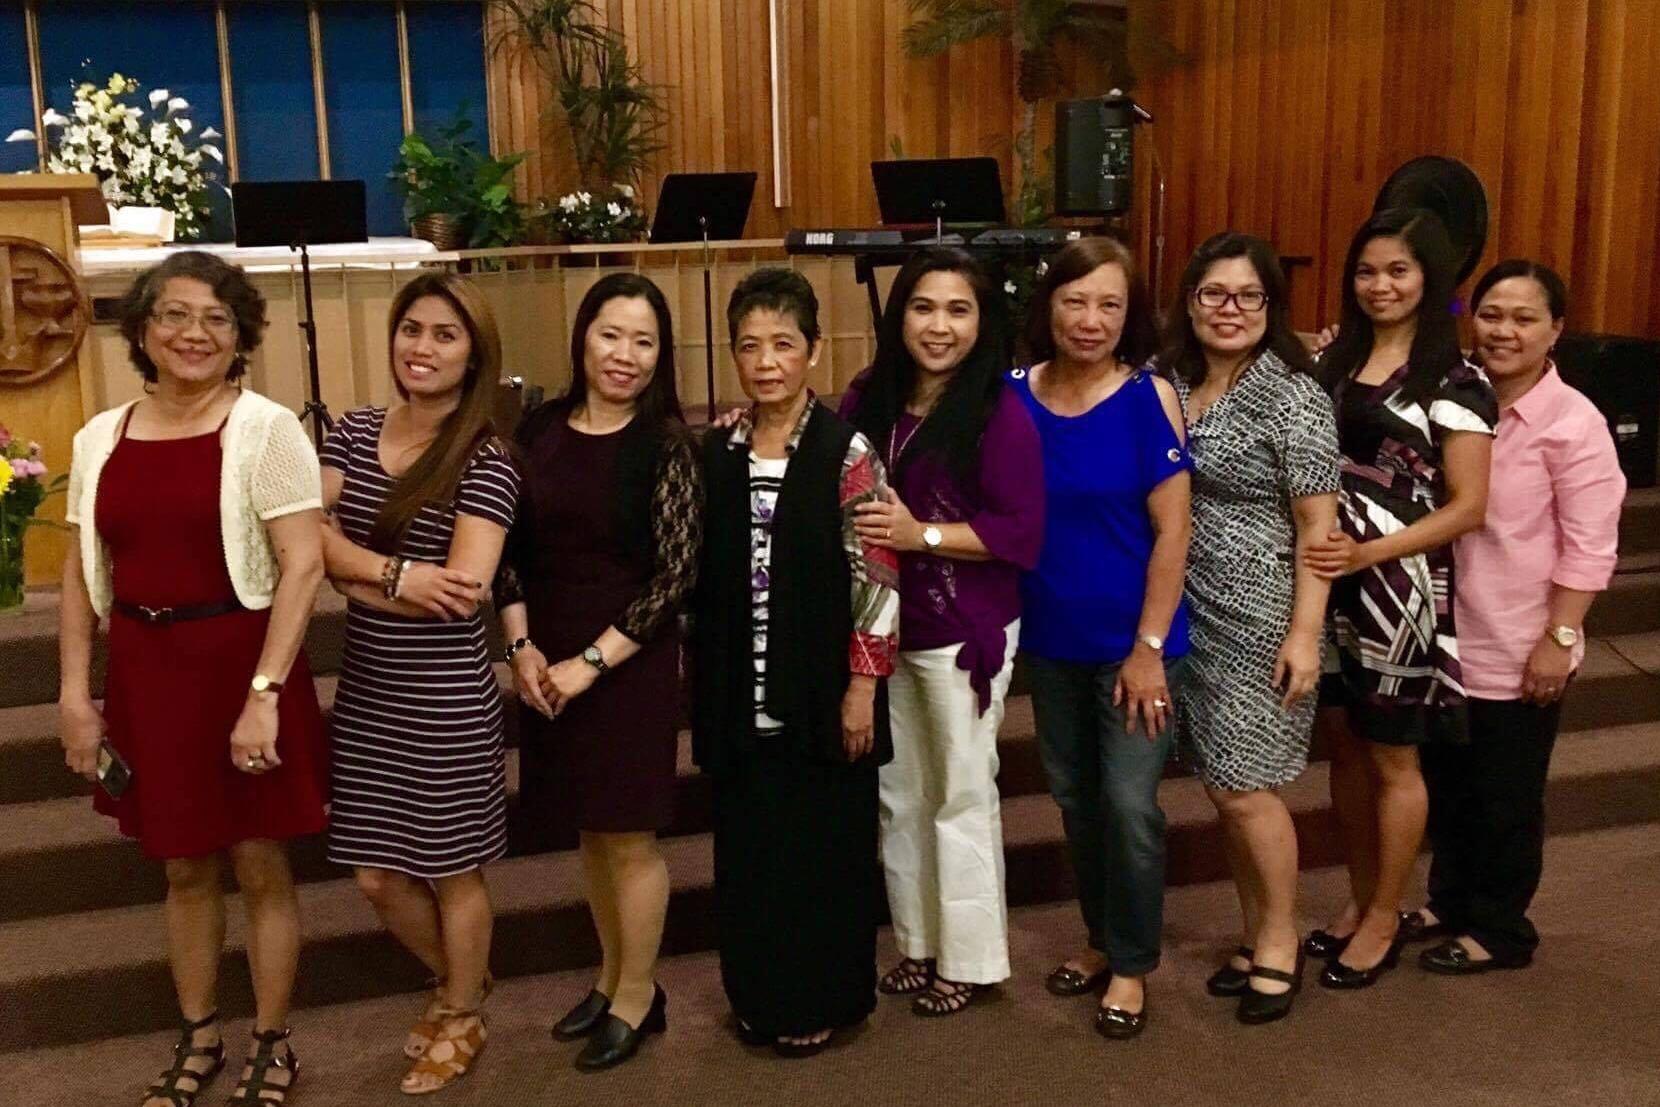 Hannah Care Group 1   Every Sunday after the worship service Contact: Lota Bernardi 780-490-5258